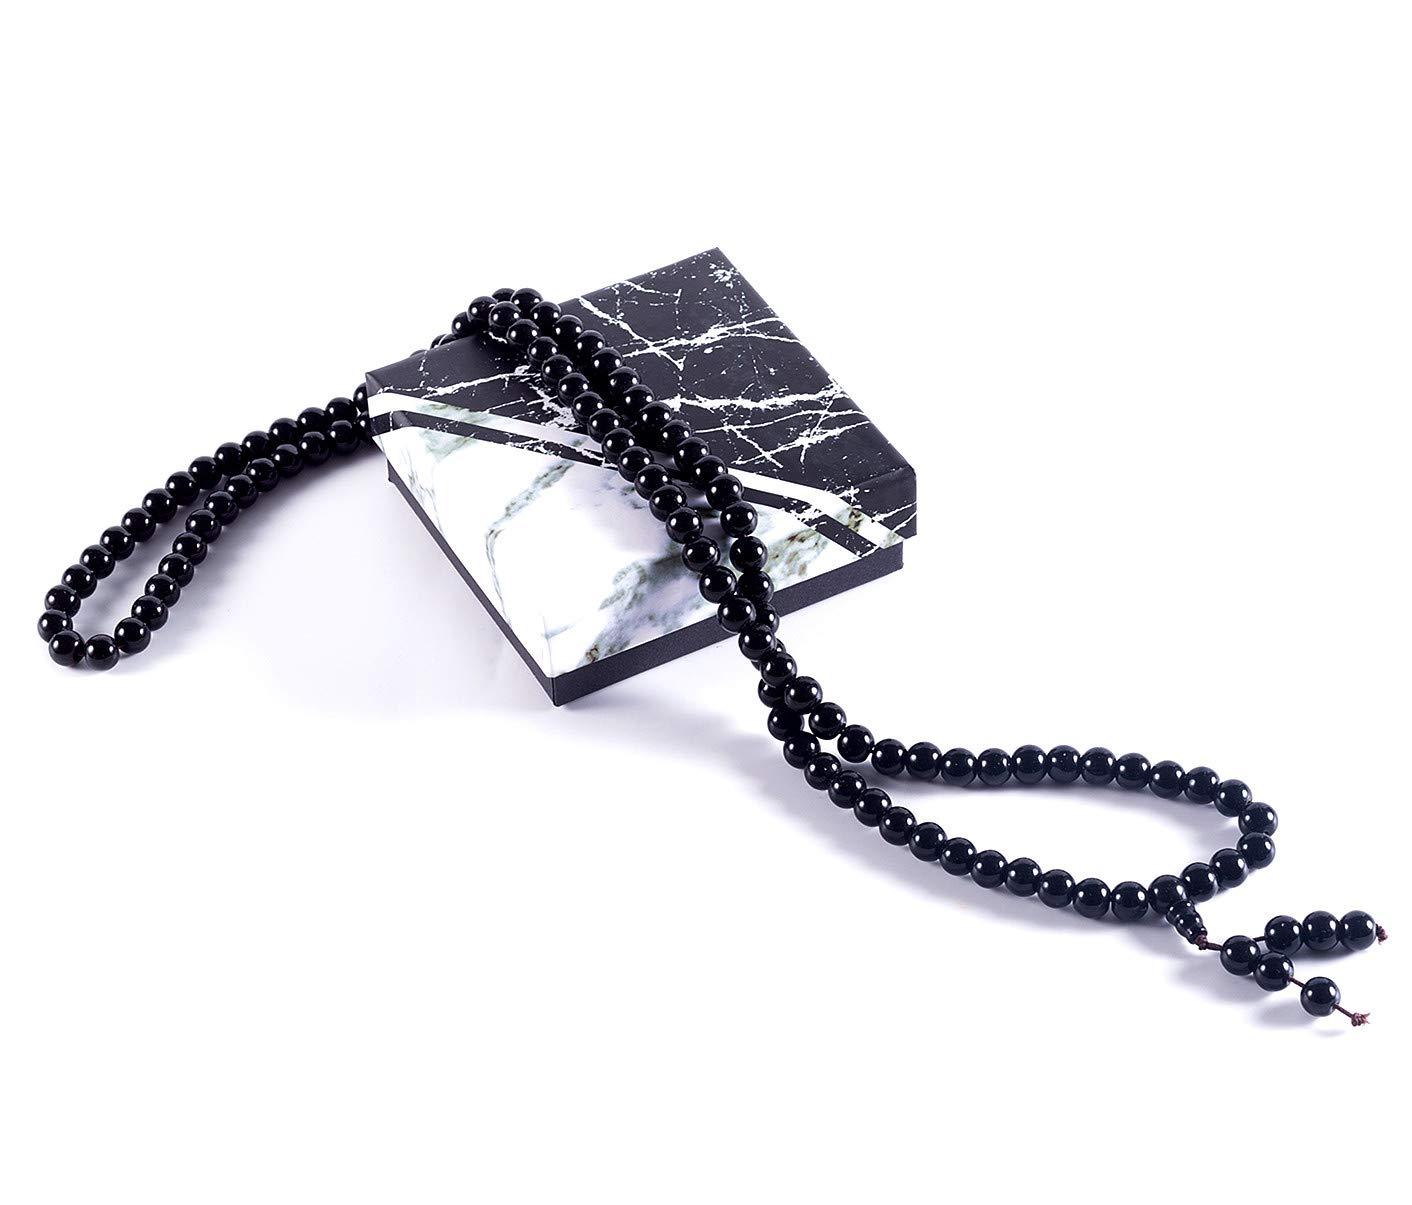 Bogo Arty 108 Obsidian Crystal Prayer Bead Multilayer Stretch Bracelets Tibetan Buddhist Meditation Mala Beads Bracelet Necklace (Black-8mm)